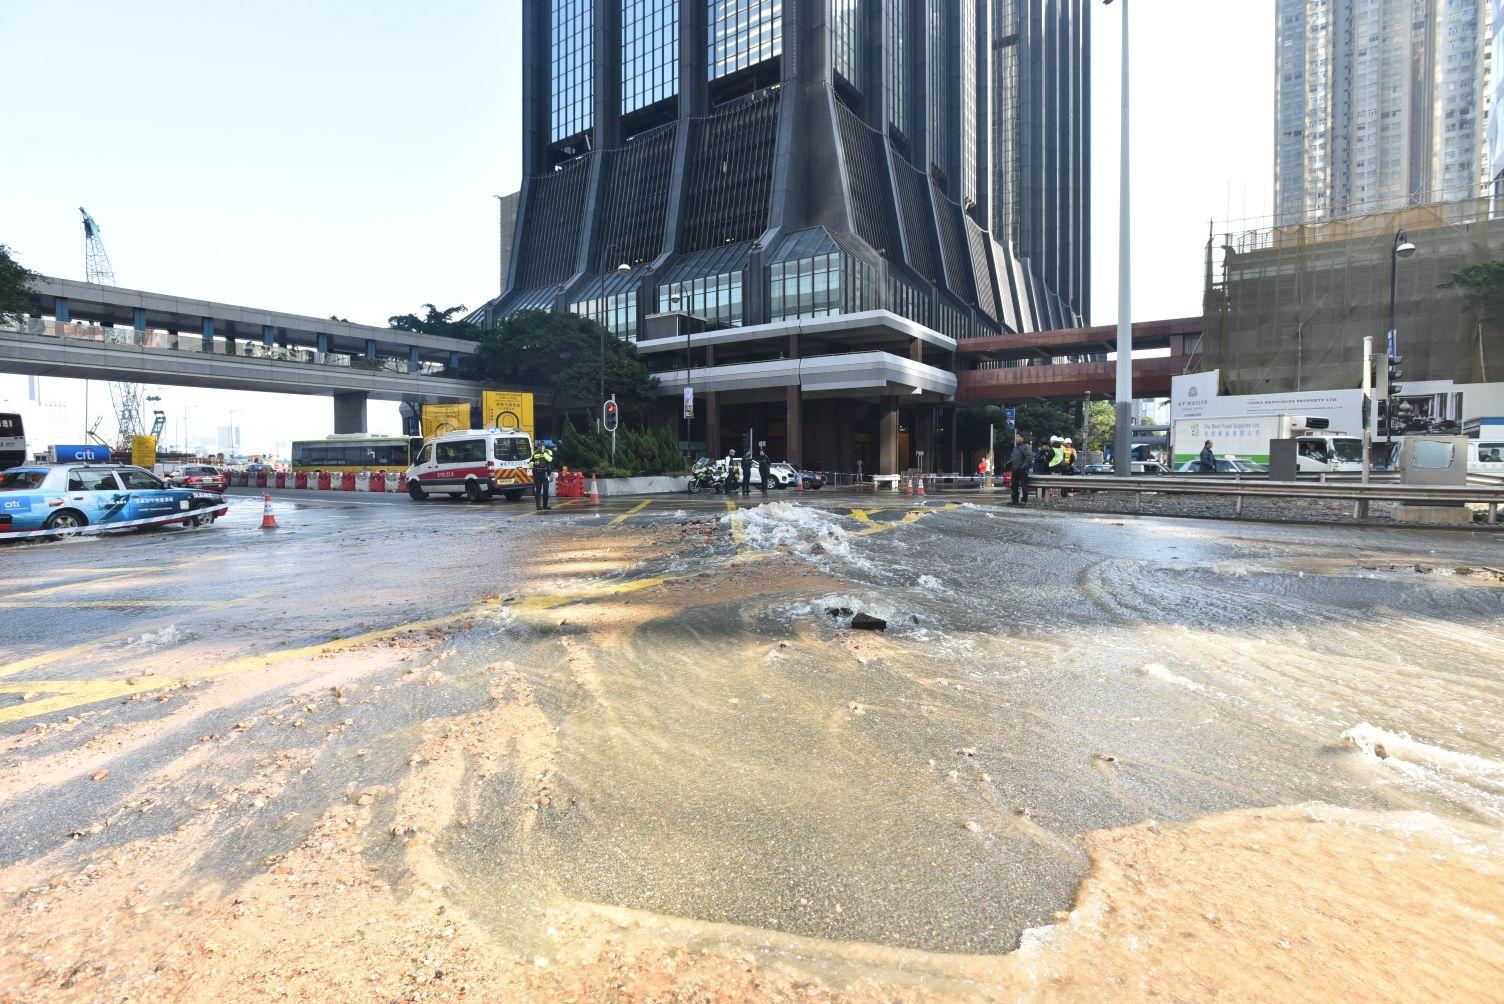 菲林明道天橋北行近華潤大廈的唯一行車線現已封閉。